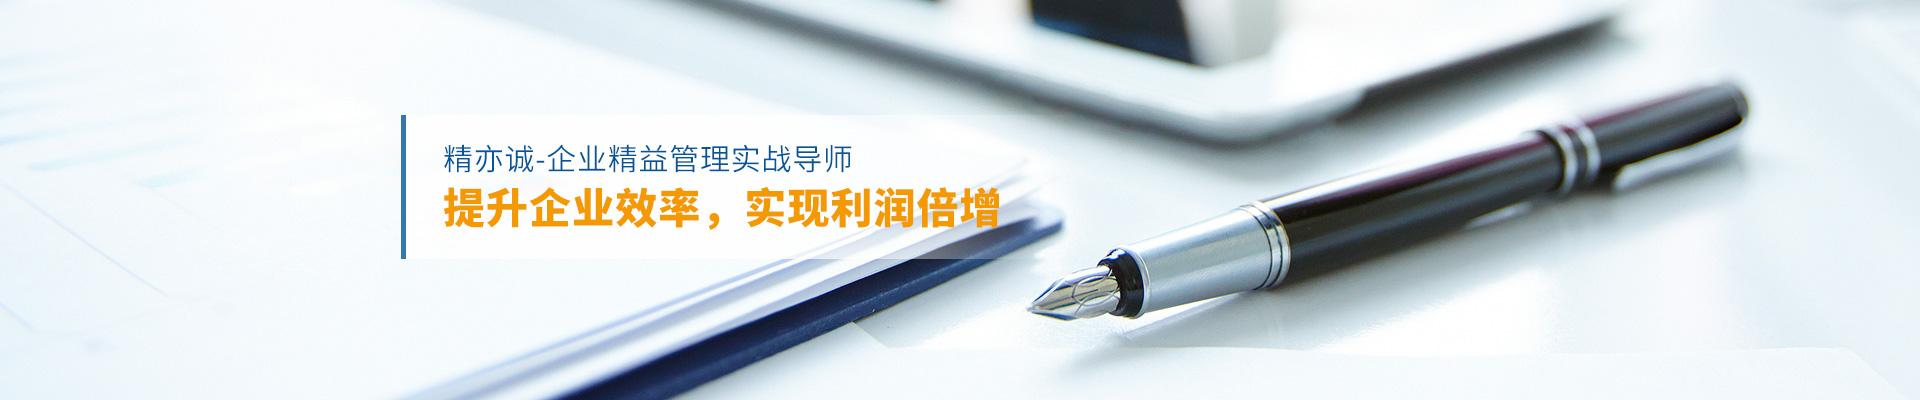 精亦诚-企业精益管理实战导师